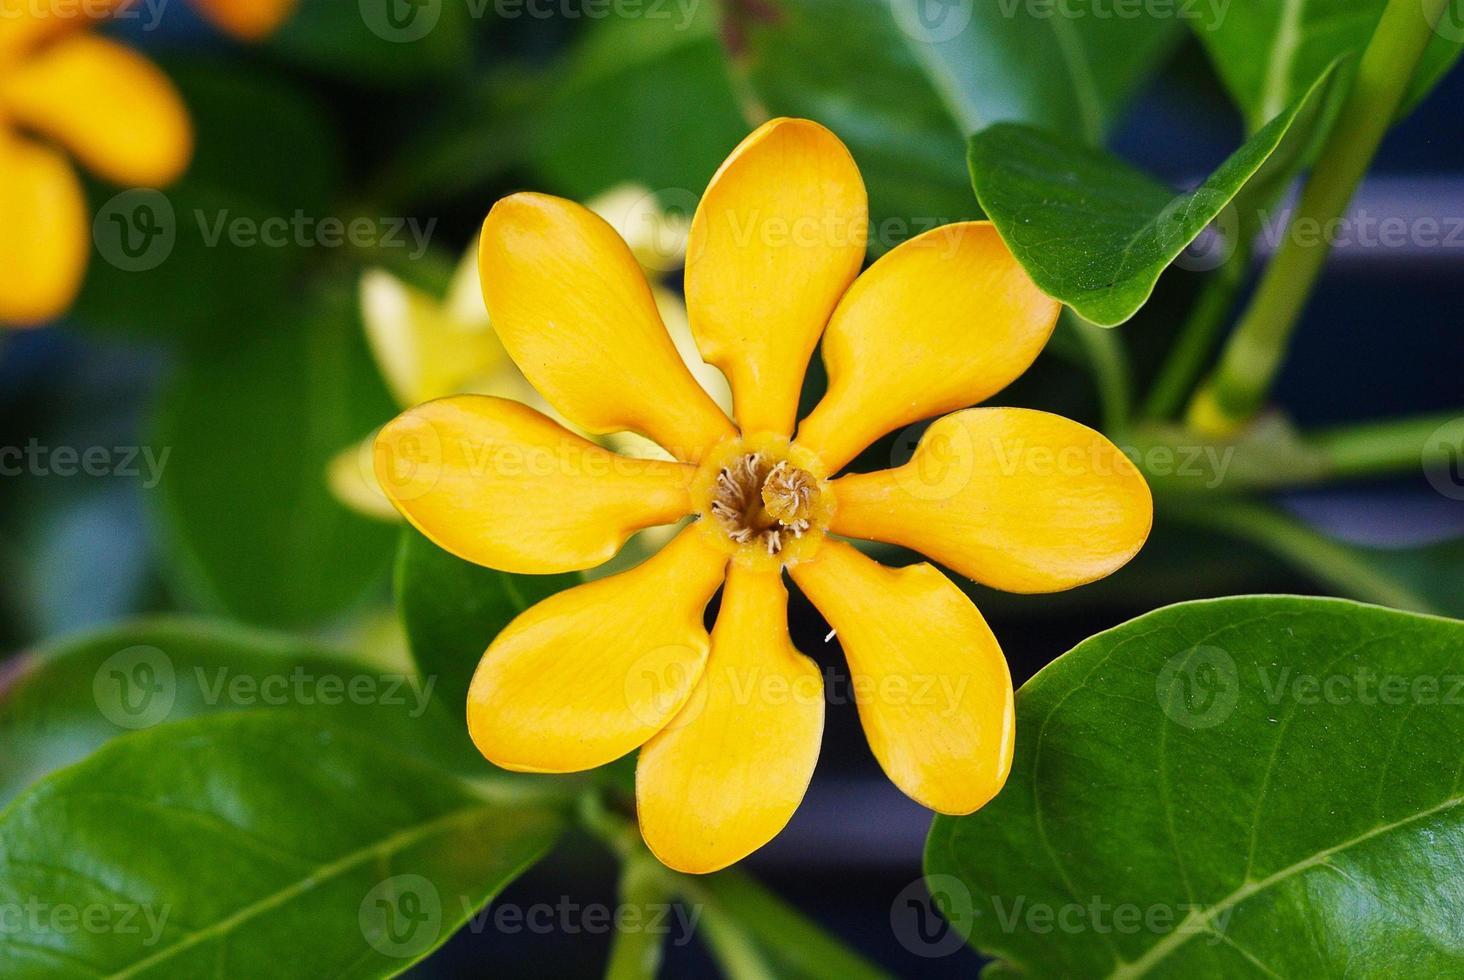 vue de dessus de la fleur de gardénia doré photo